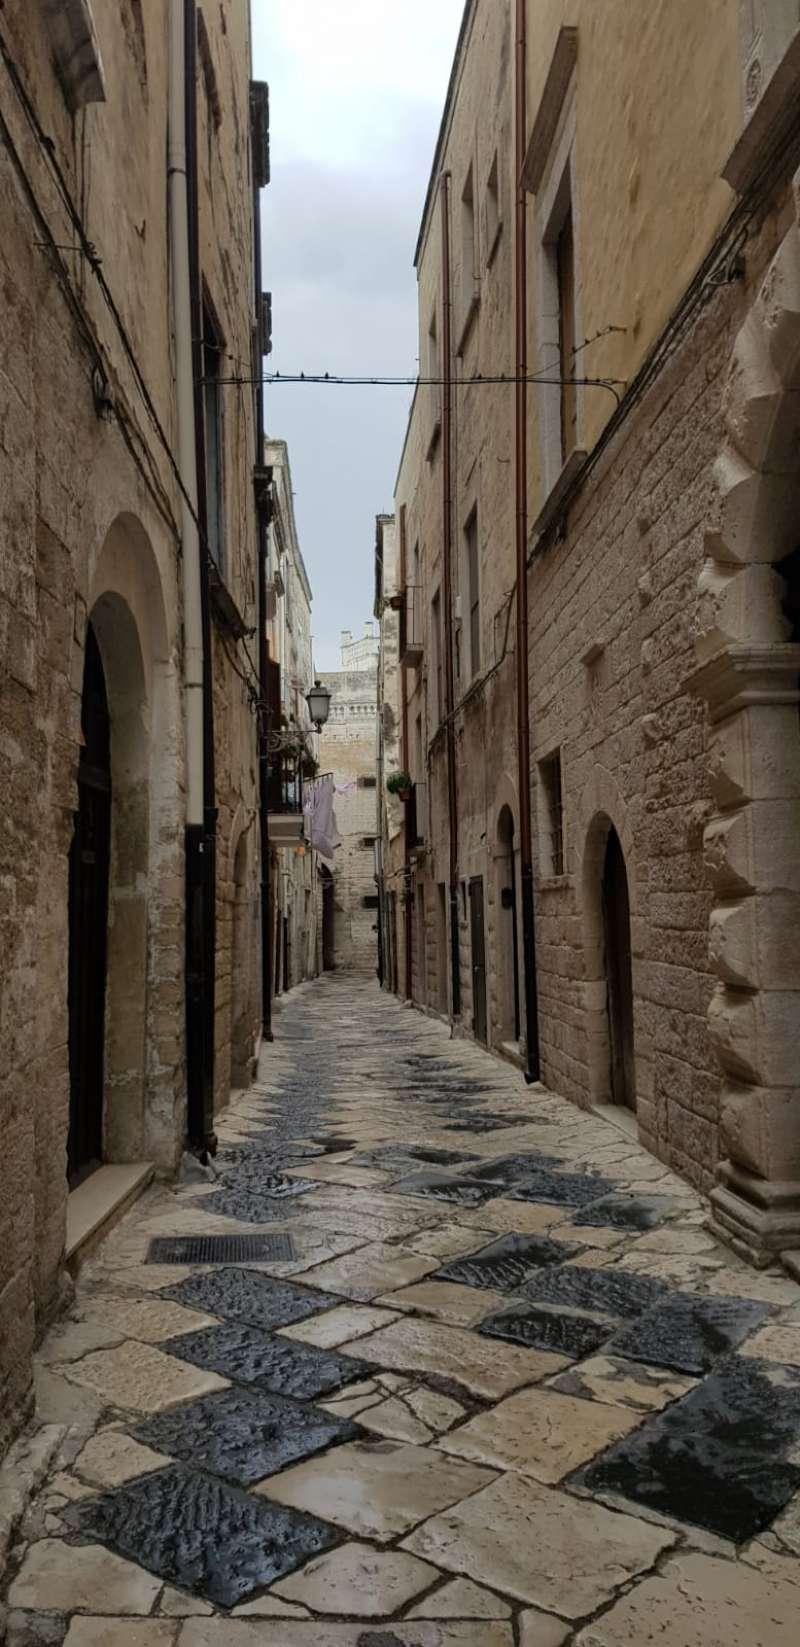 Appartamento in vendita a Bisceglie, 3 locali, prezzo € 75.000 | PortaleAgenzieImmobiliari.it